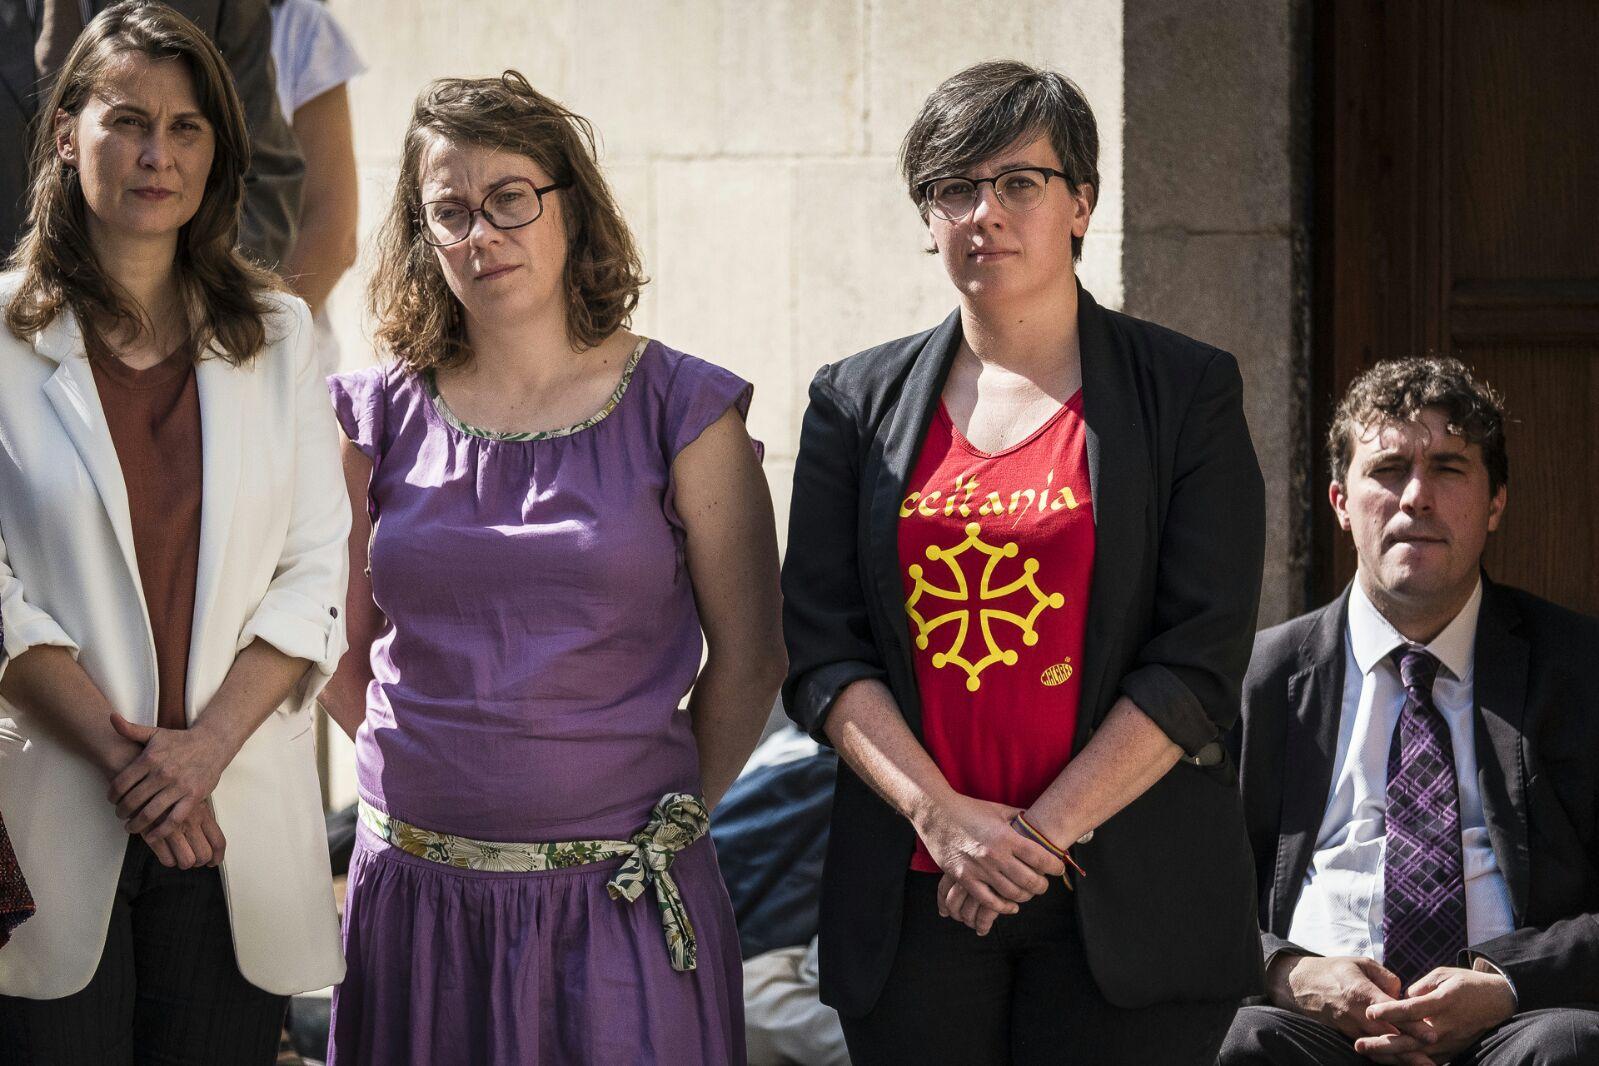 https://www.jornalet.com/imatges/noticies/mb-1.jpg